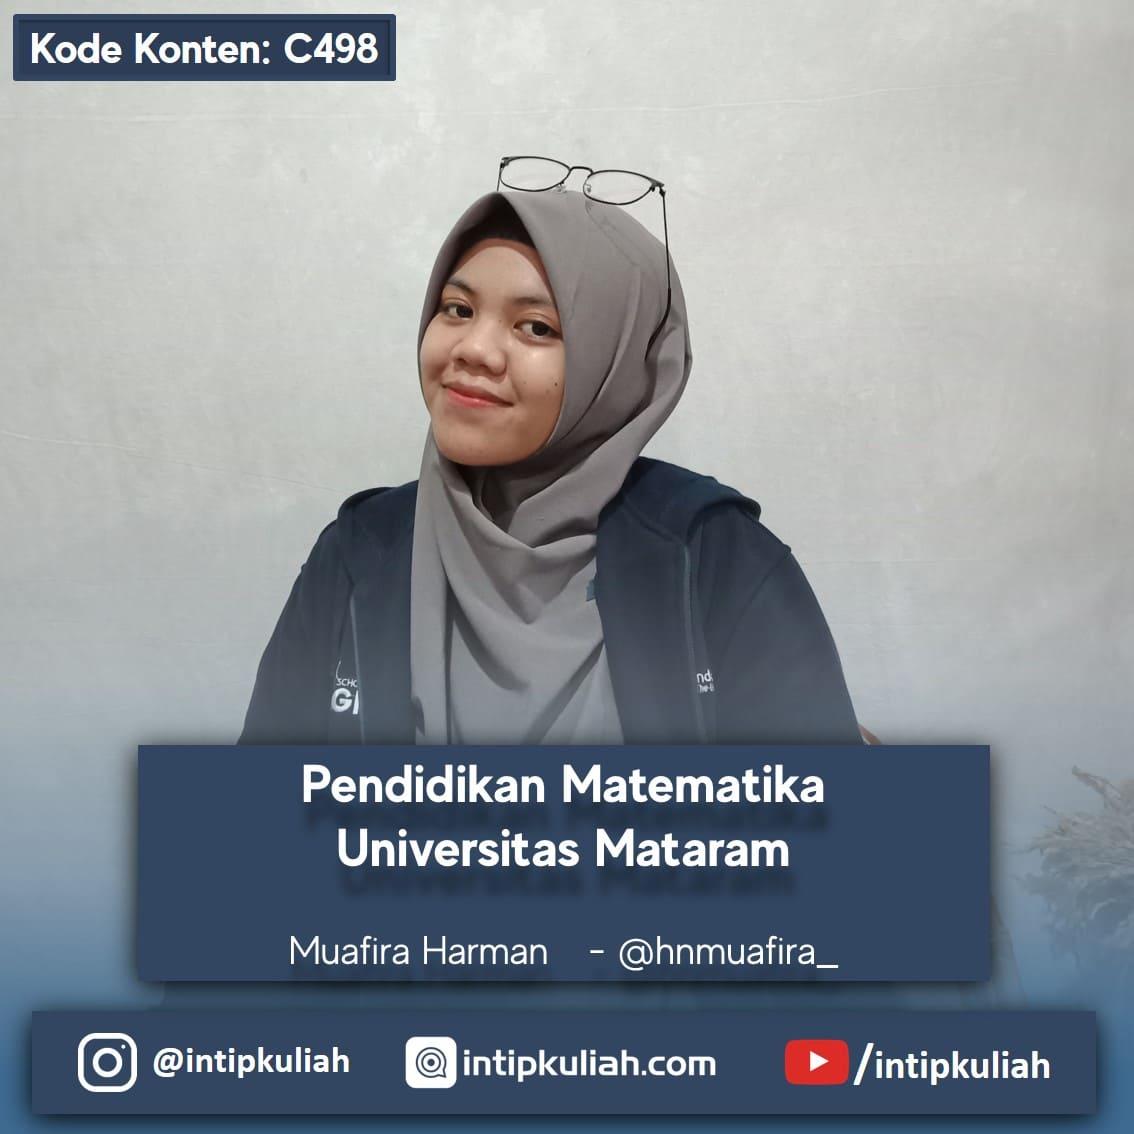 Pendidikan Matematika Universitas Mataram (Muafira)